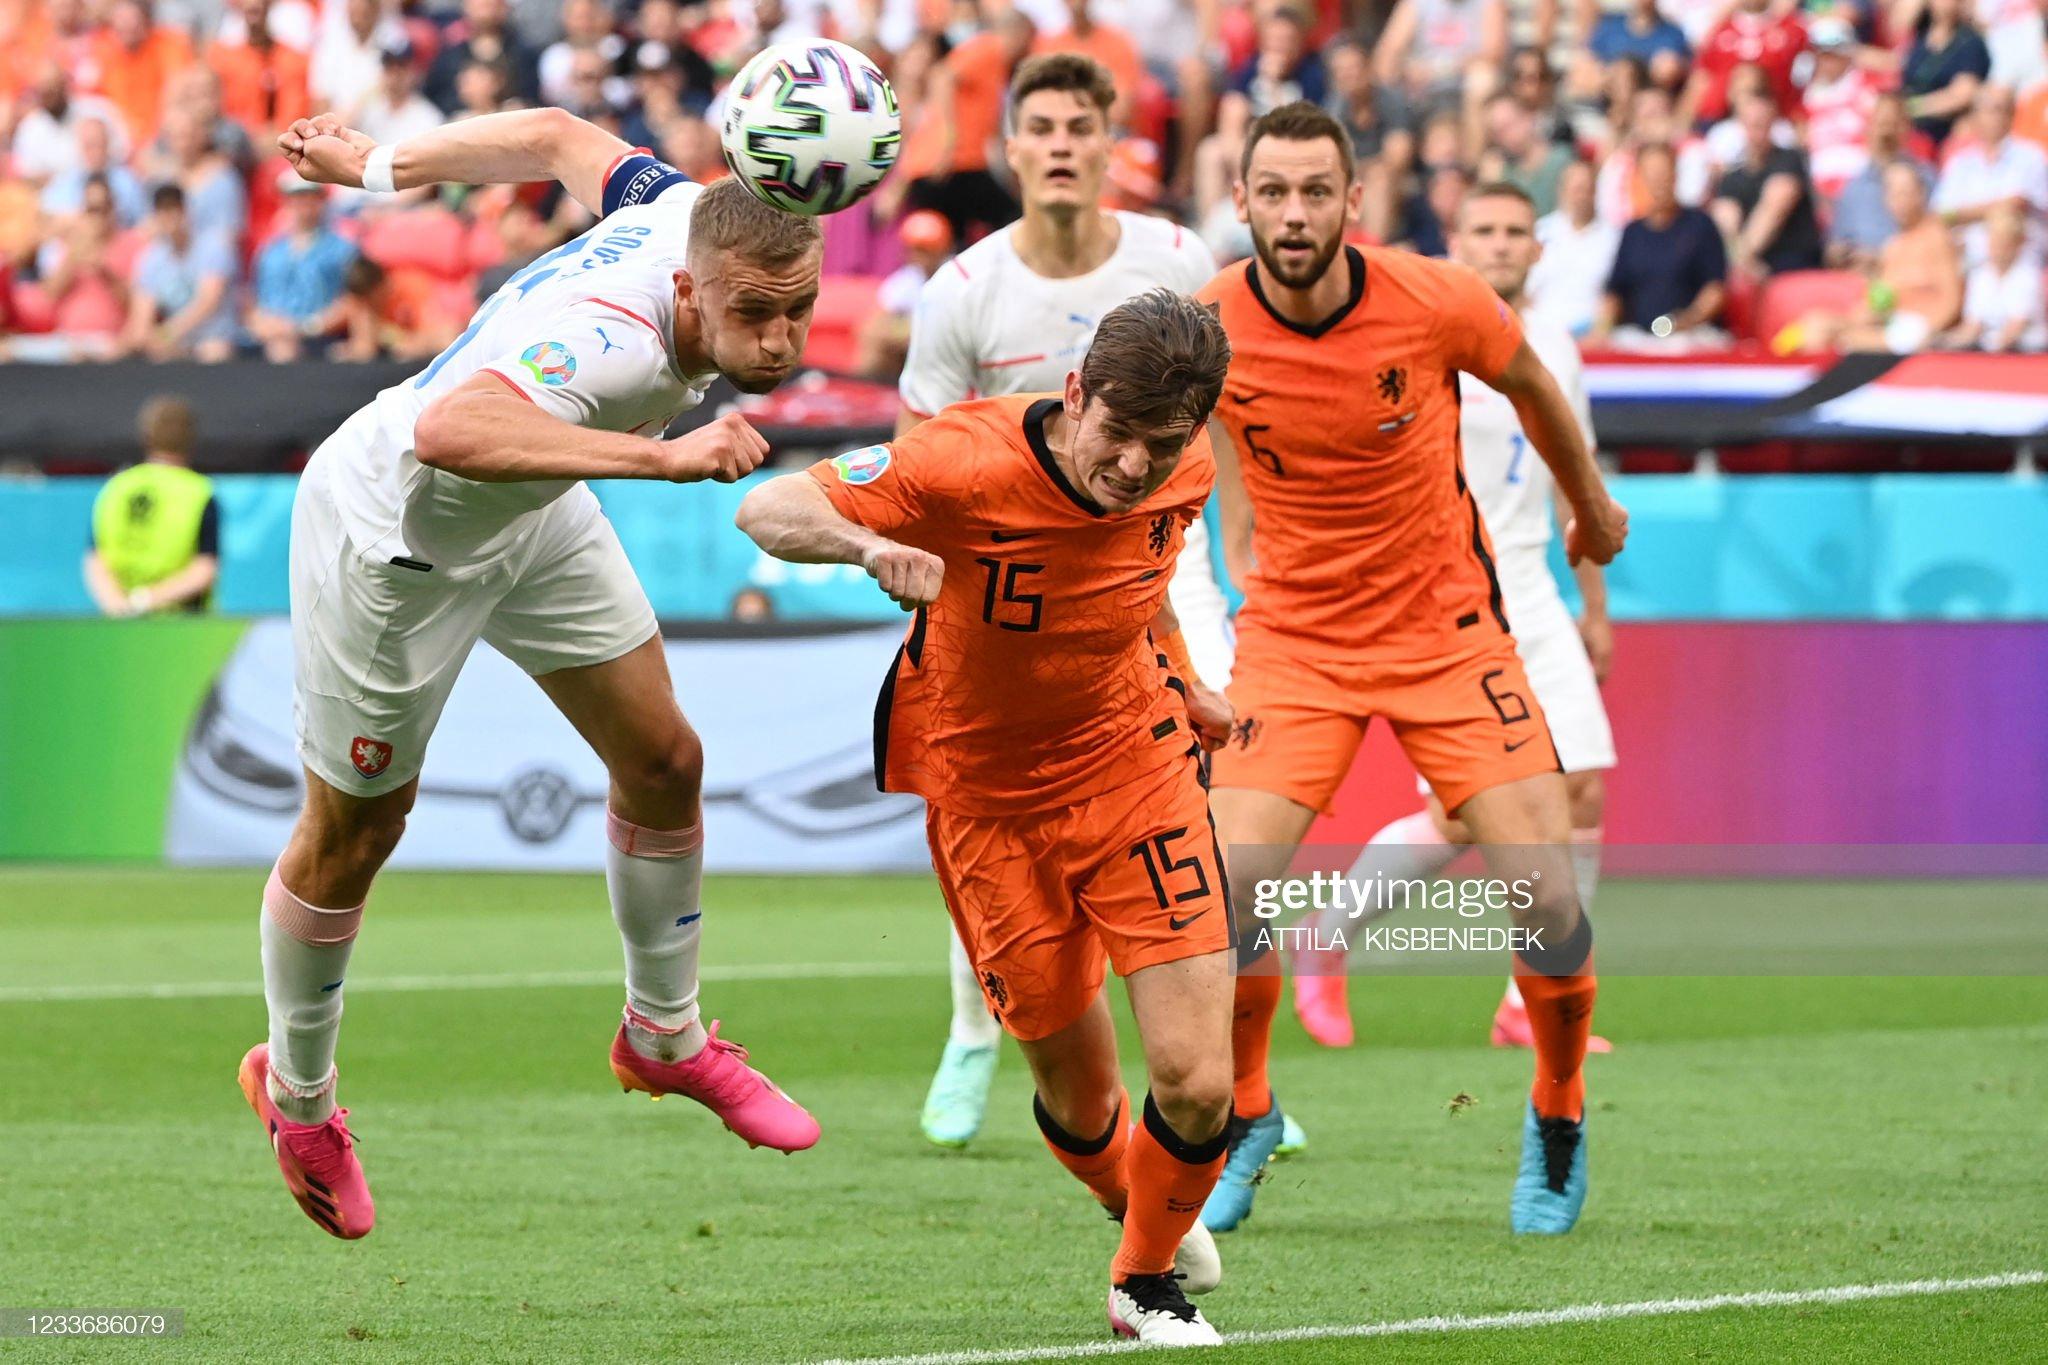 TOPSHOT-FBL-EURO-2020-2021-MATCH40-NED-CZE : News Photo